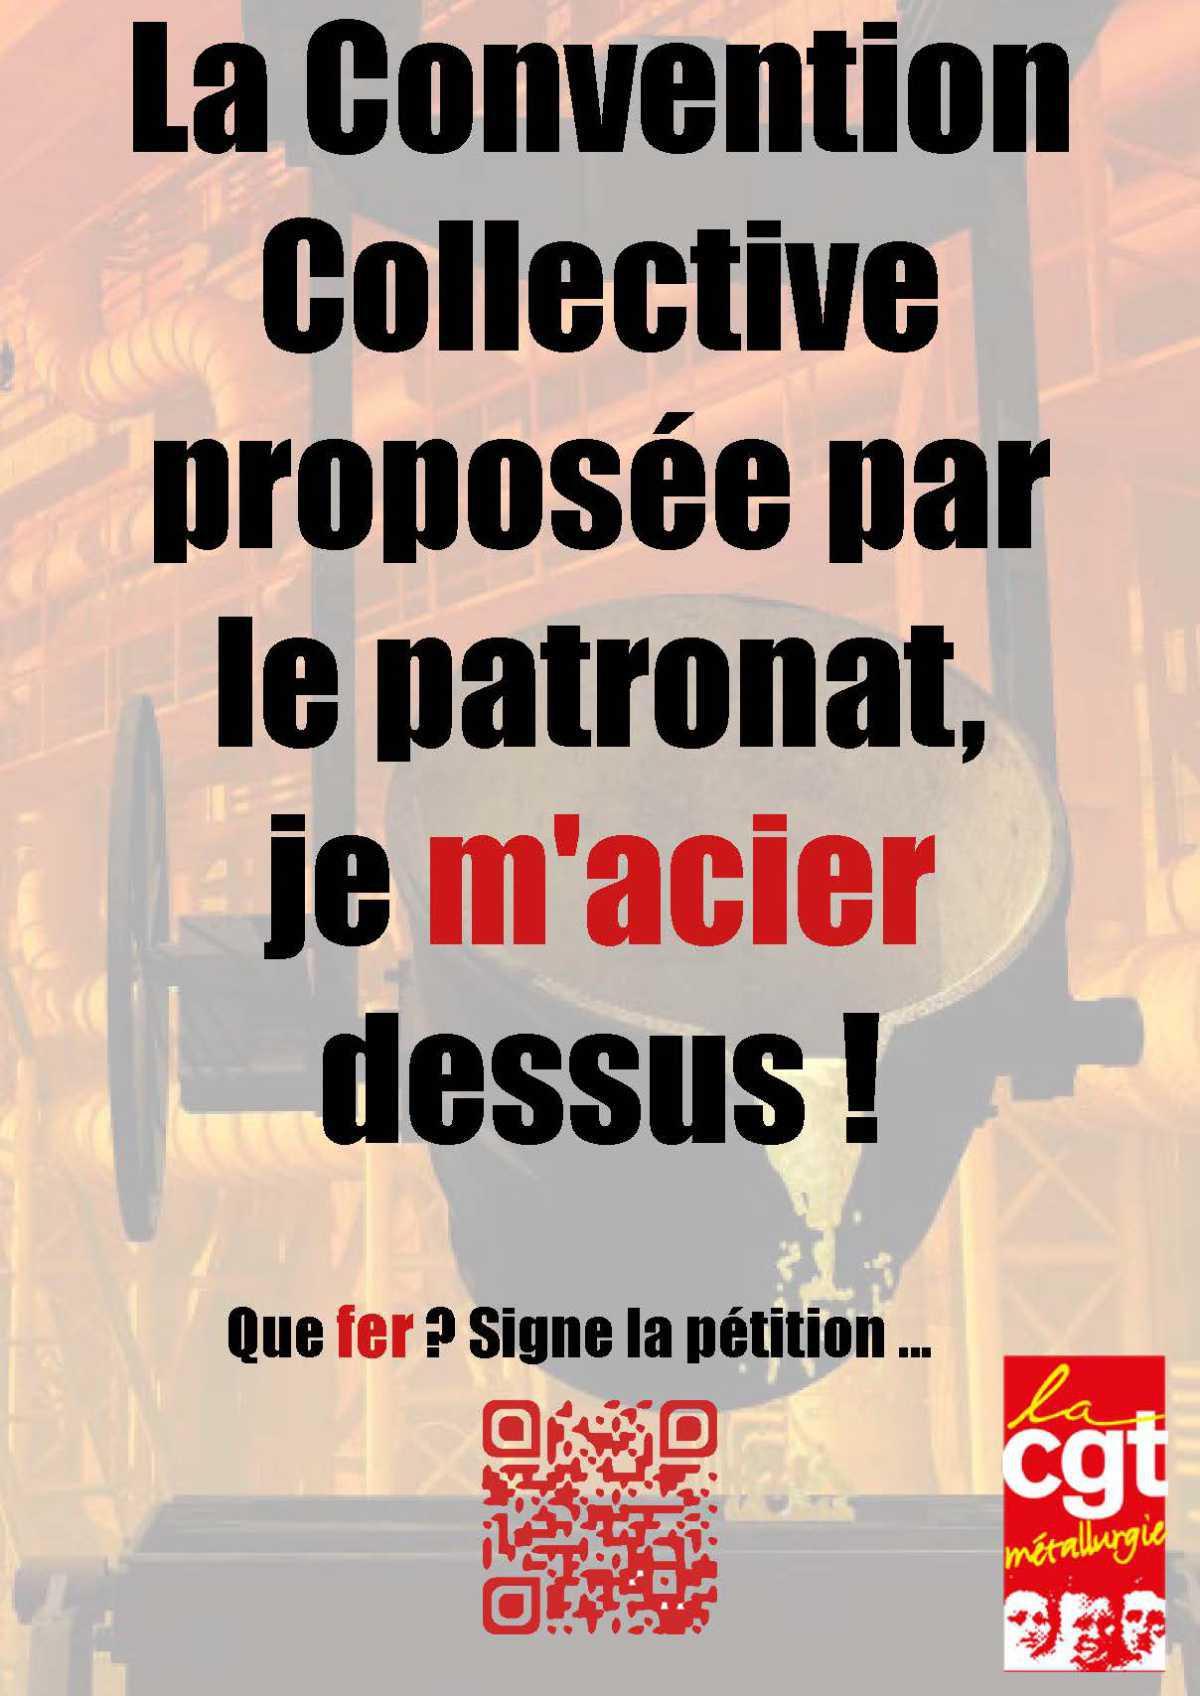 Le Mans : Pour nos droits dans la branche métallurgie, signons massivement la pétition !